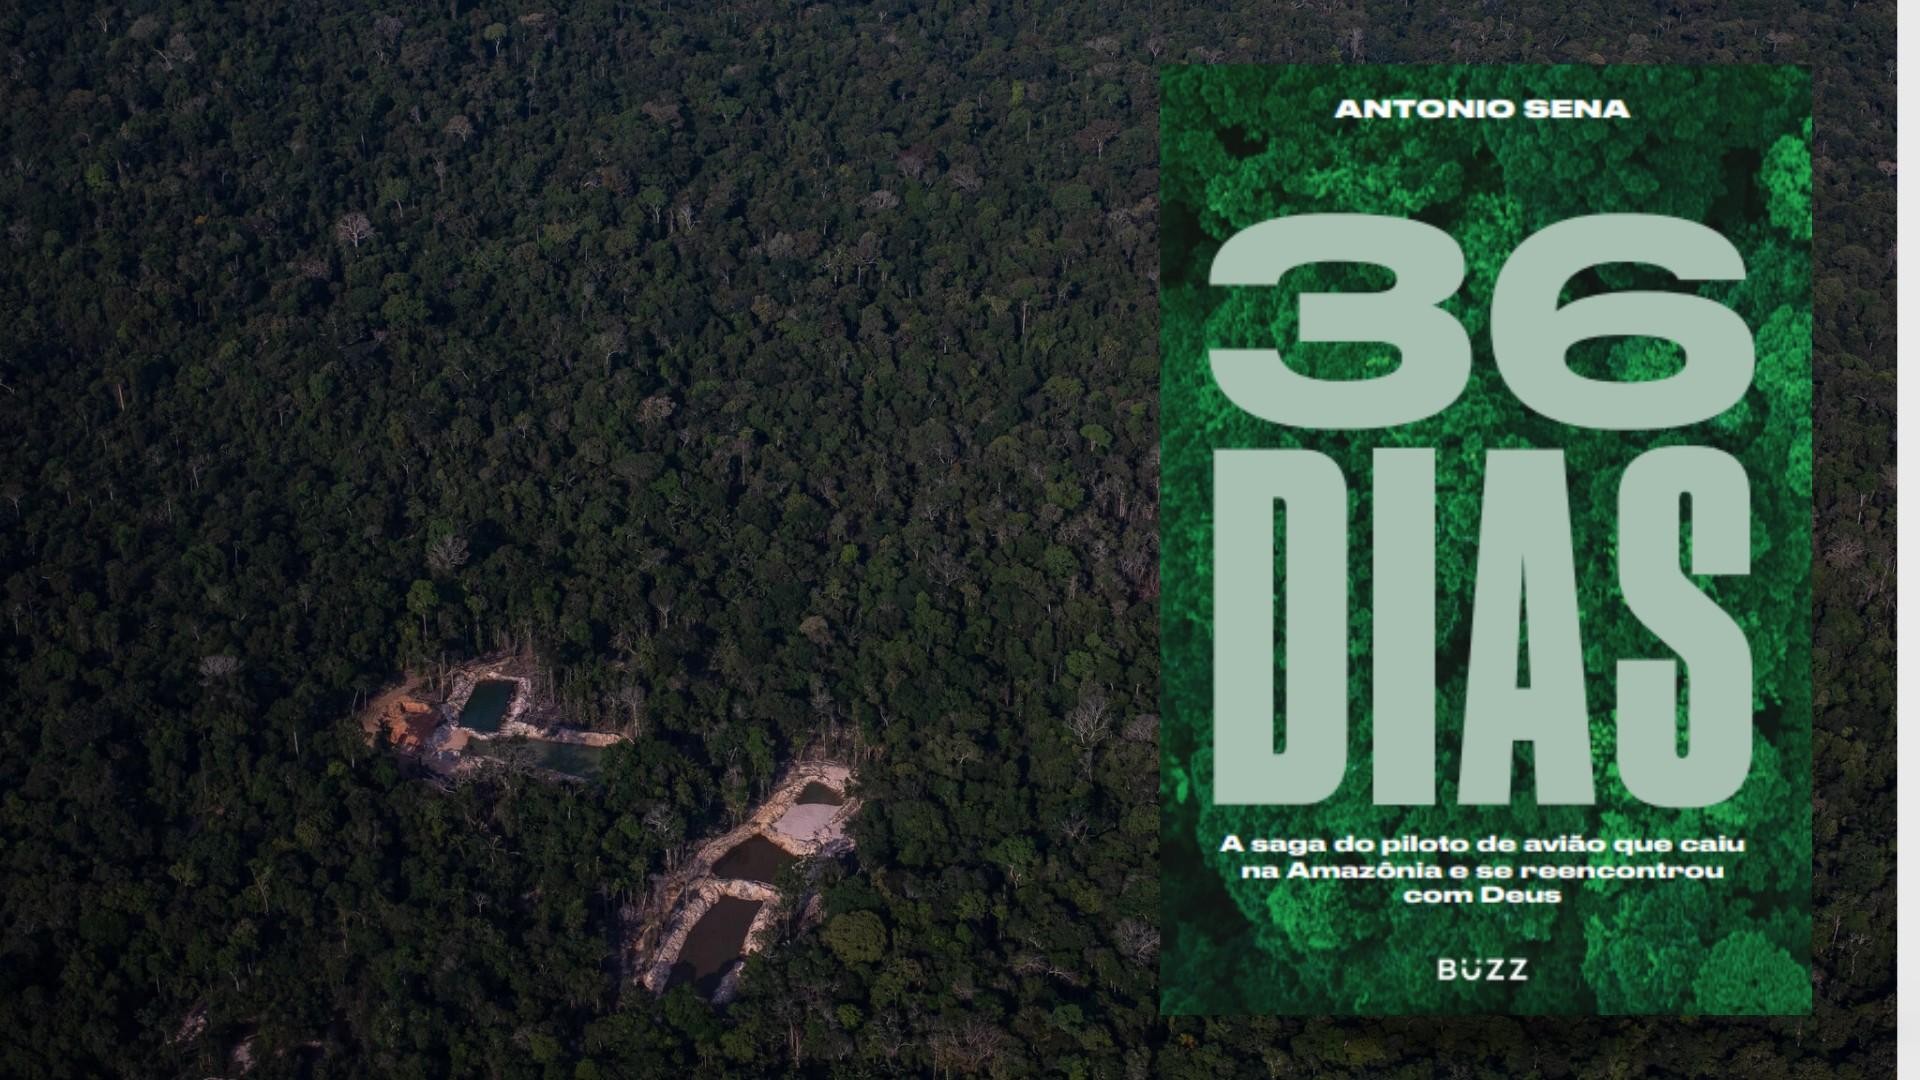 Piloto que ficou desaparecido na Amazônia por 36 dias lança livro sobre experiências pessoais e espirituais